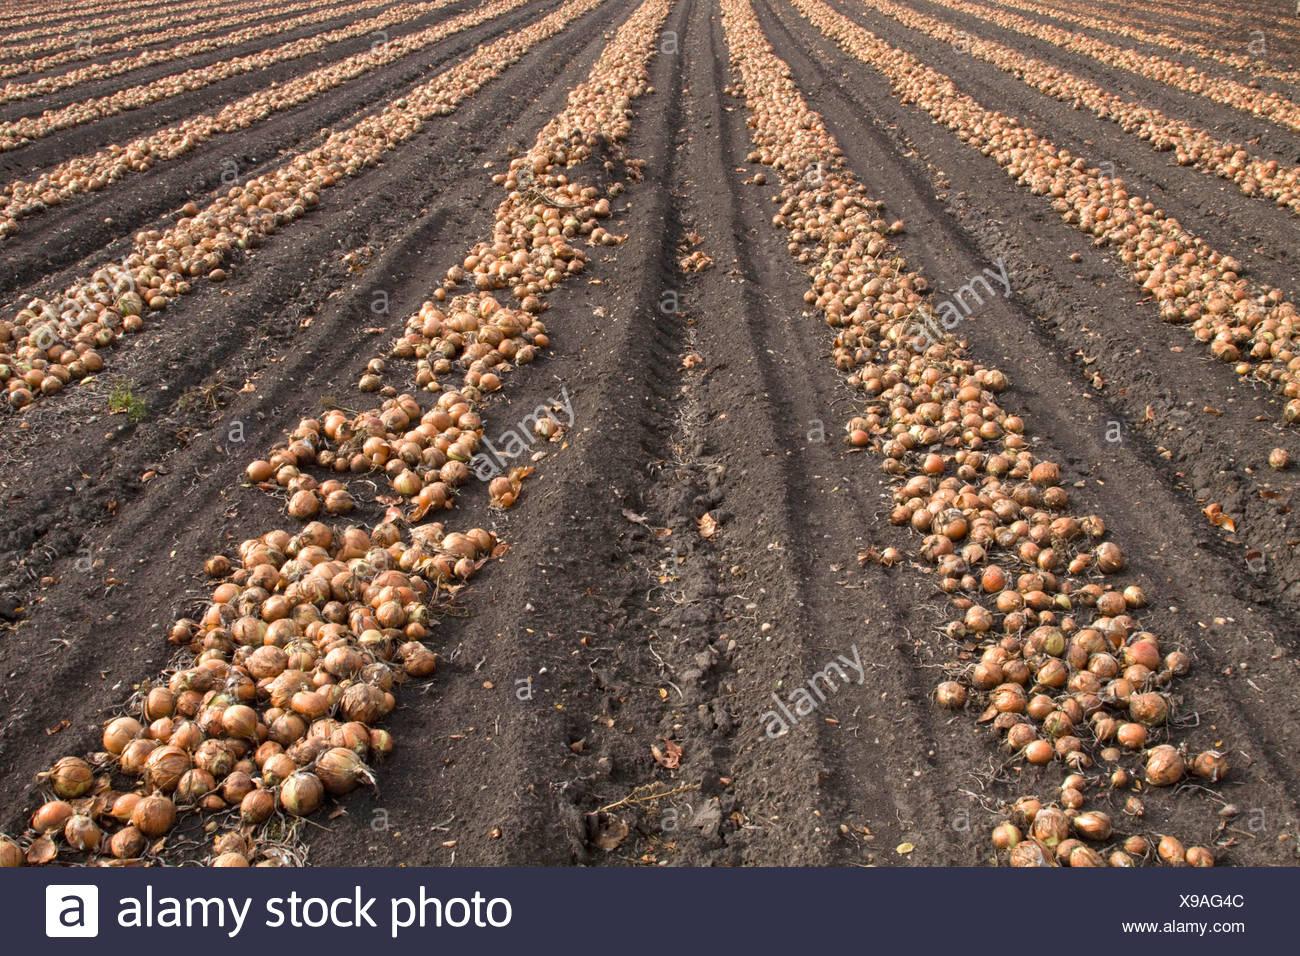 Garten-Zwiebel (Allium Cepa) geernteten Zwiebeln liegen in Reihen auf ein Feld für die Trocknung, Österreich, Burgenland Stockbild